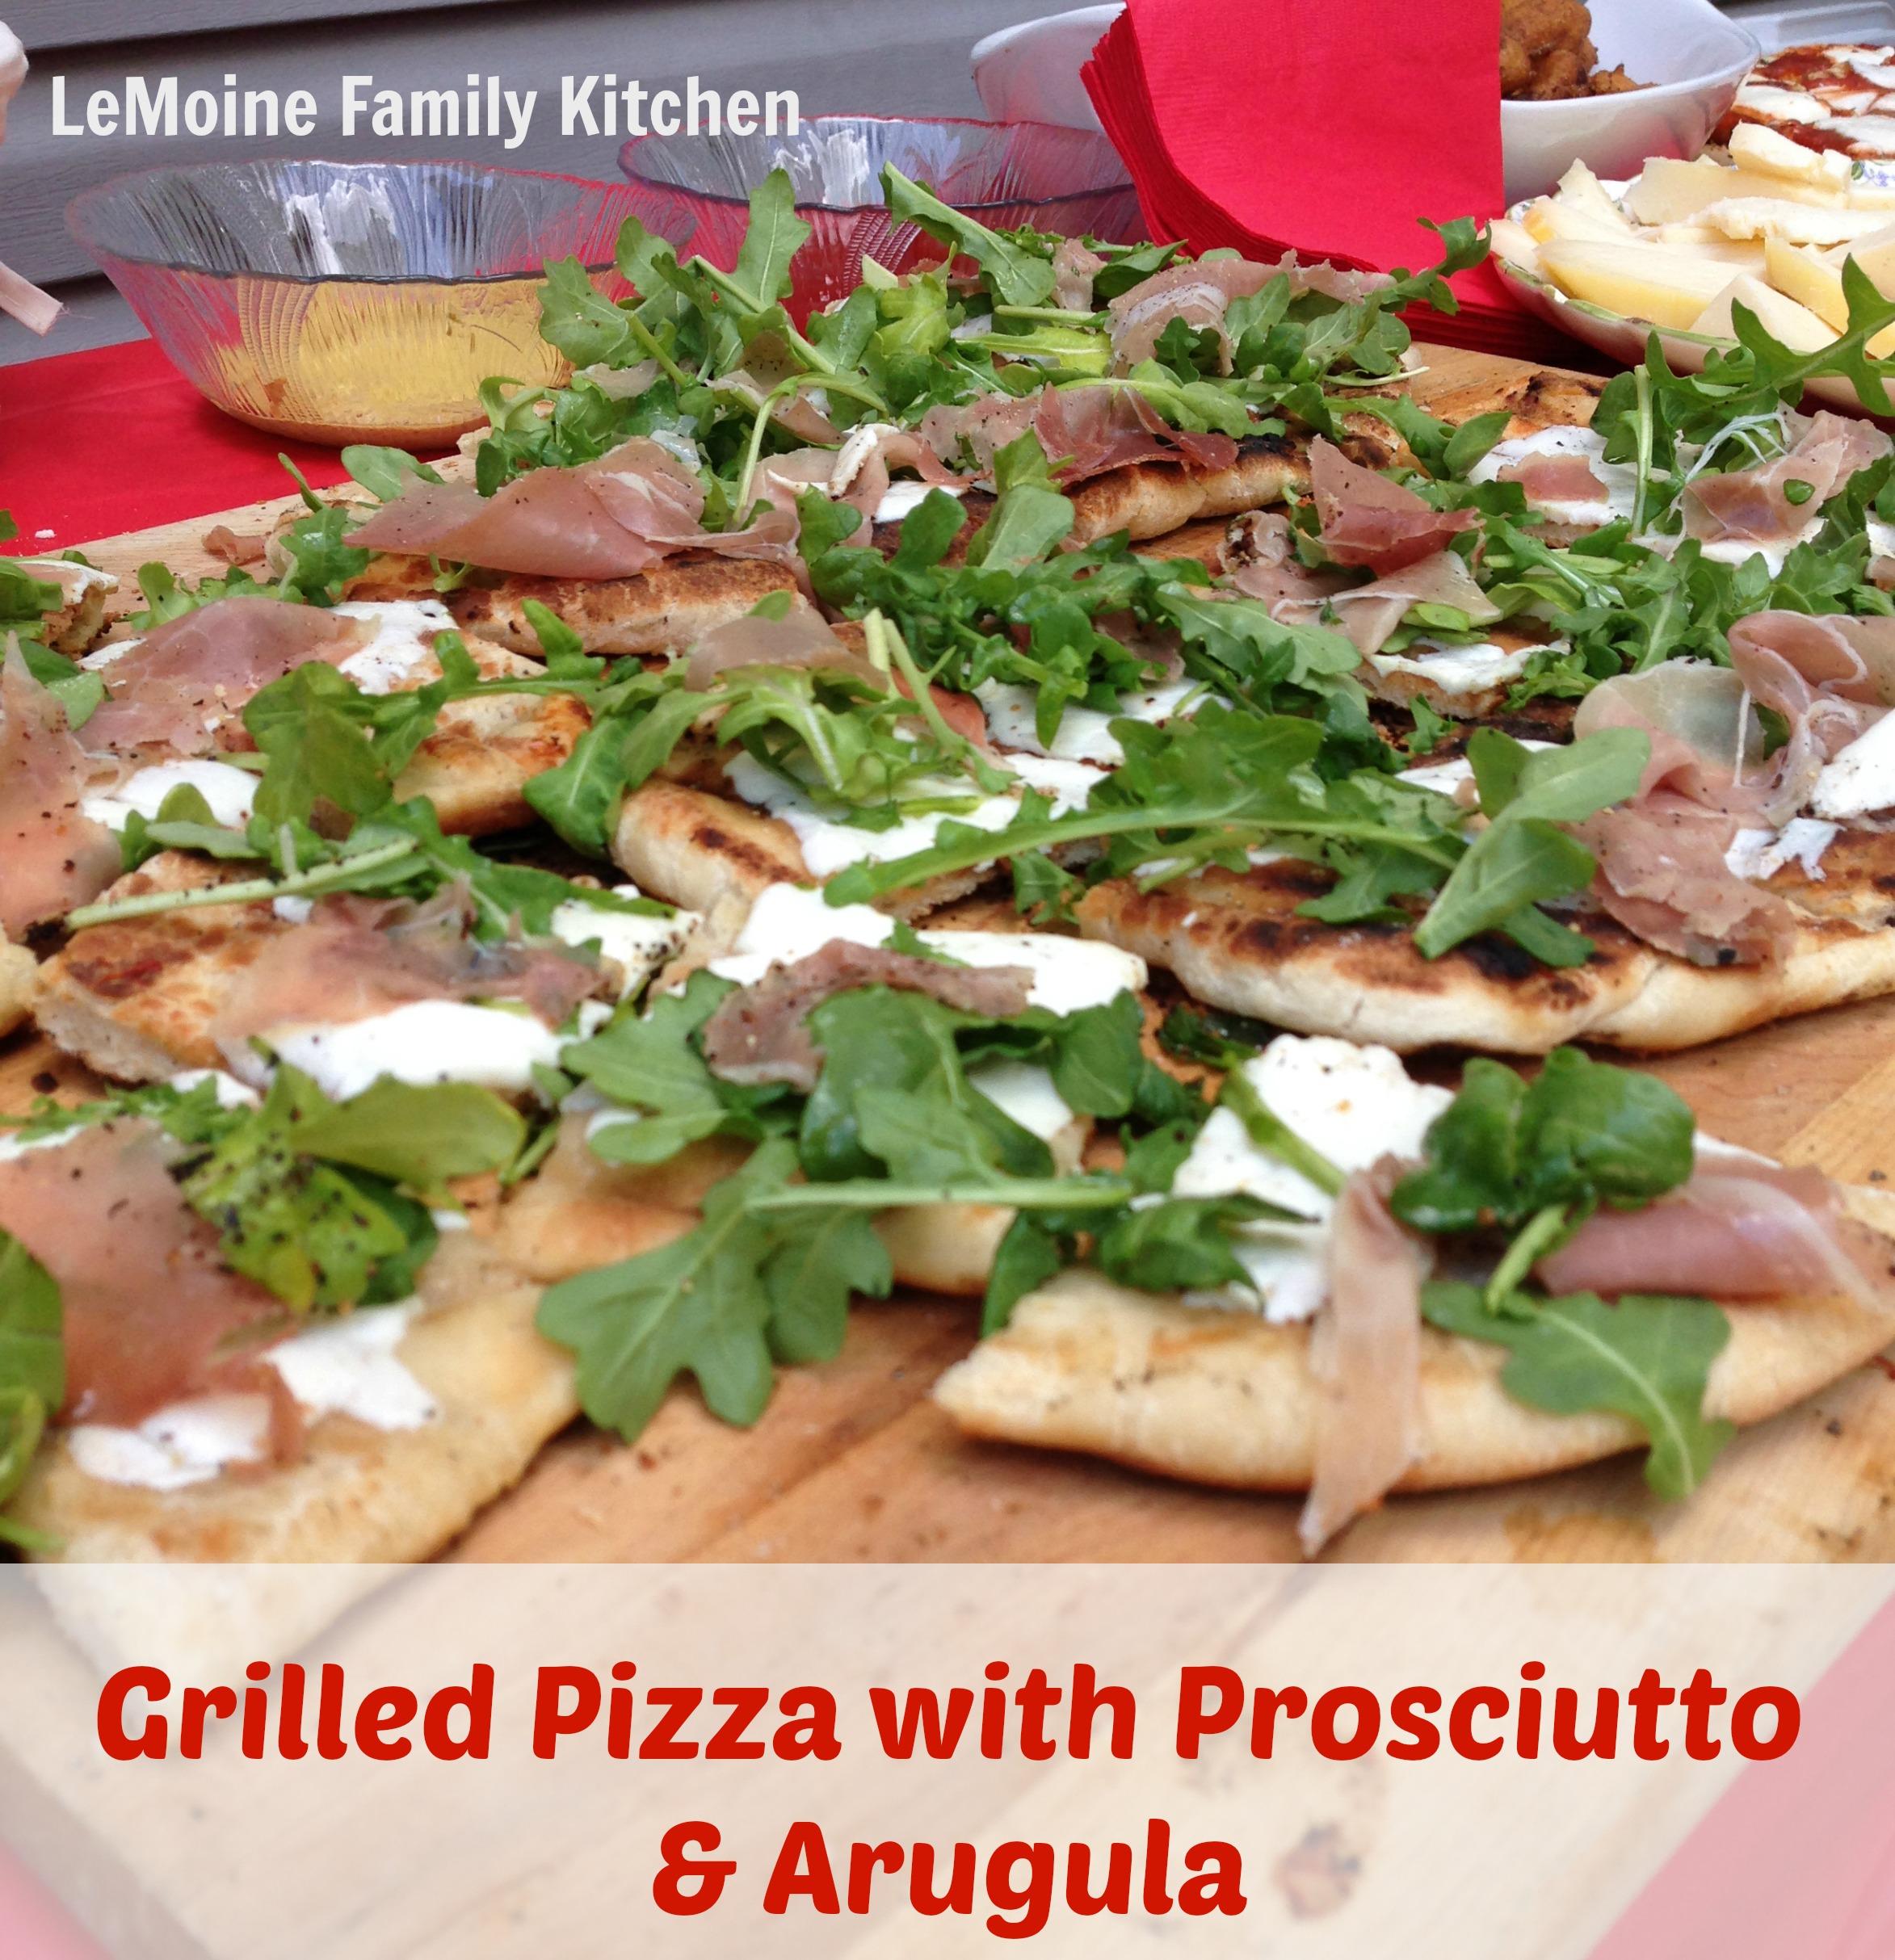 Grilled Pizza with Prosciutto & Arugula